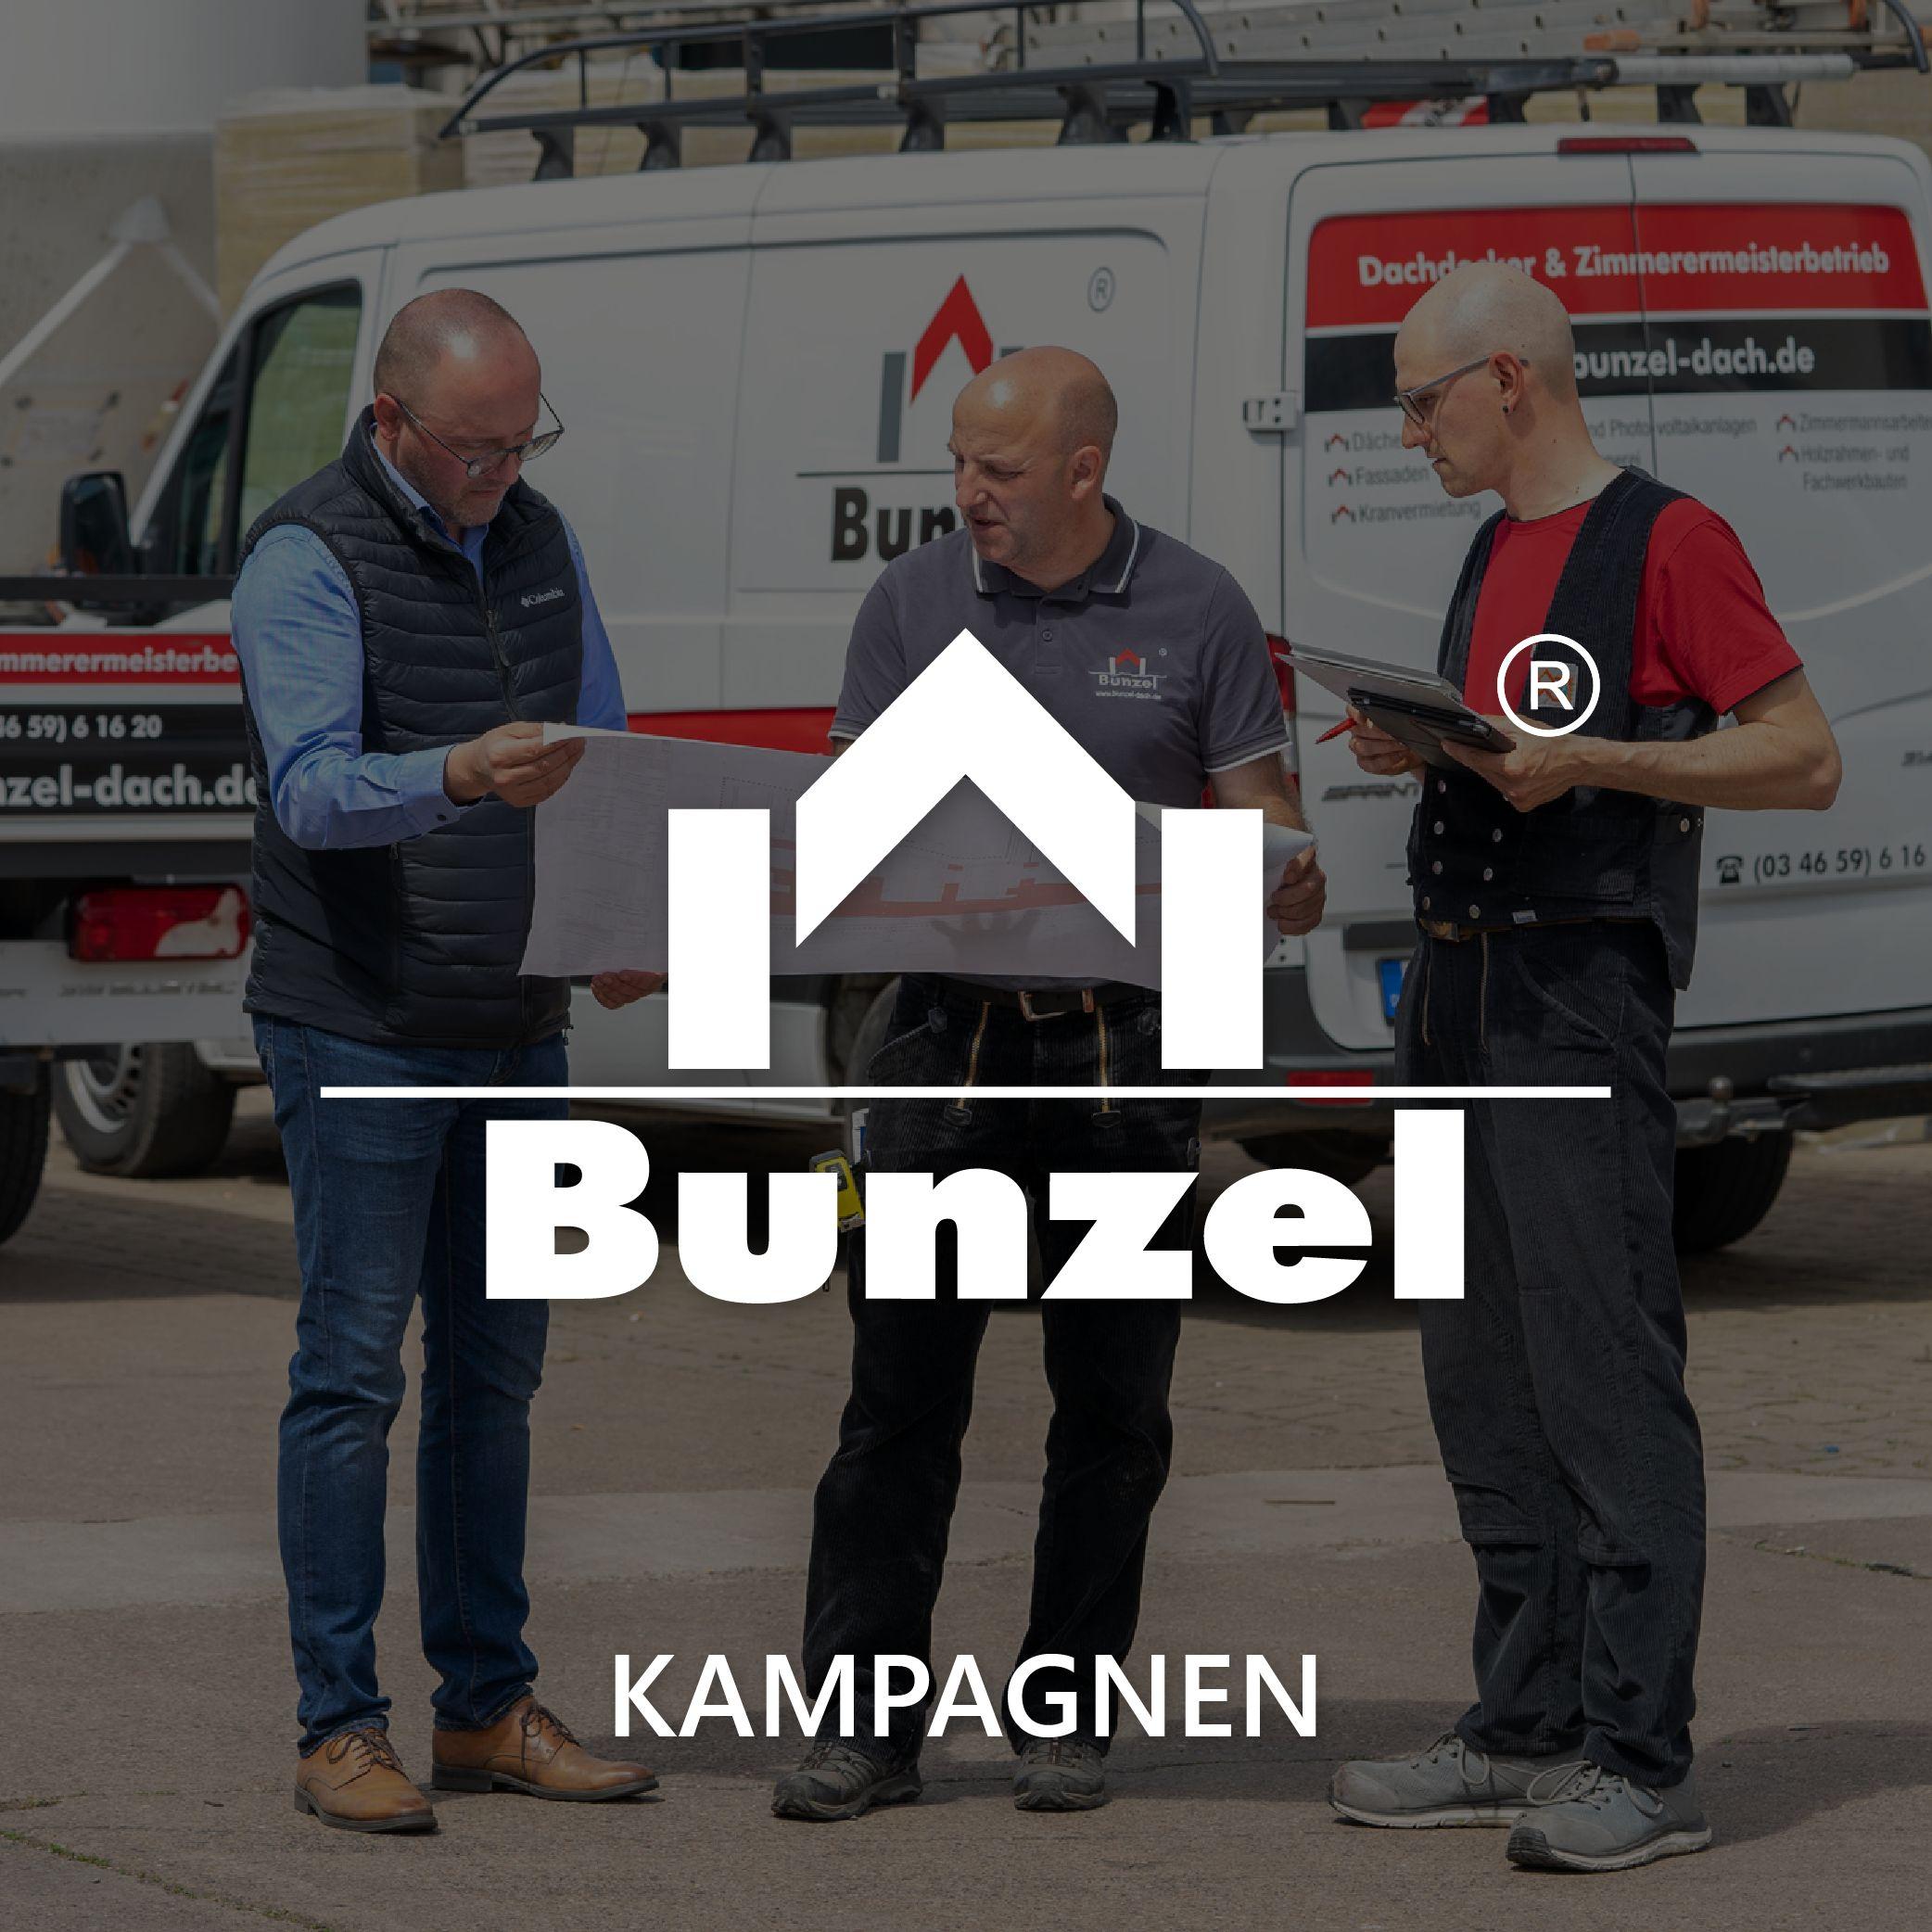 Dachdeckerei Bunzel Kampagne